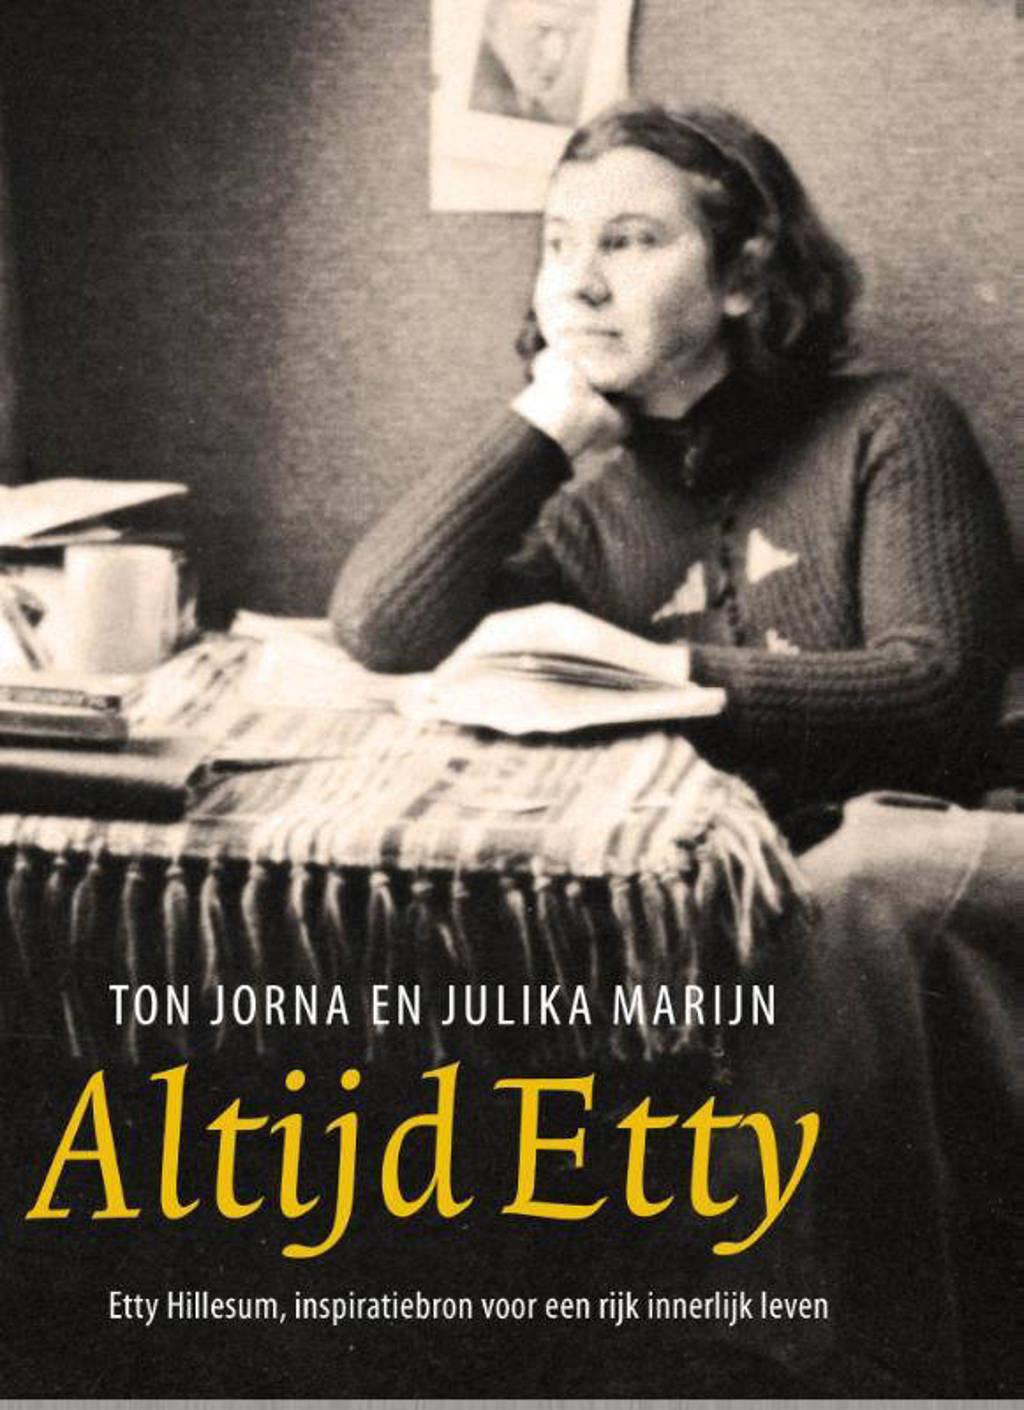 Altijd Etty - Ton Jorna en Julika Marijn